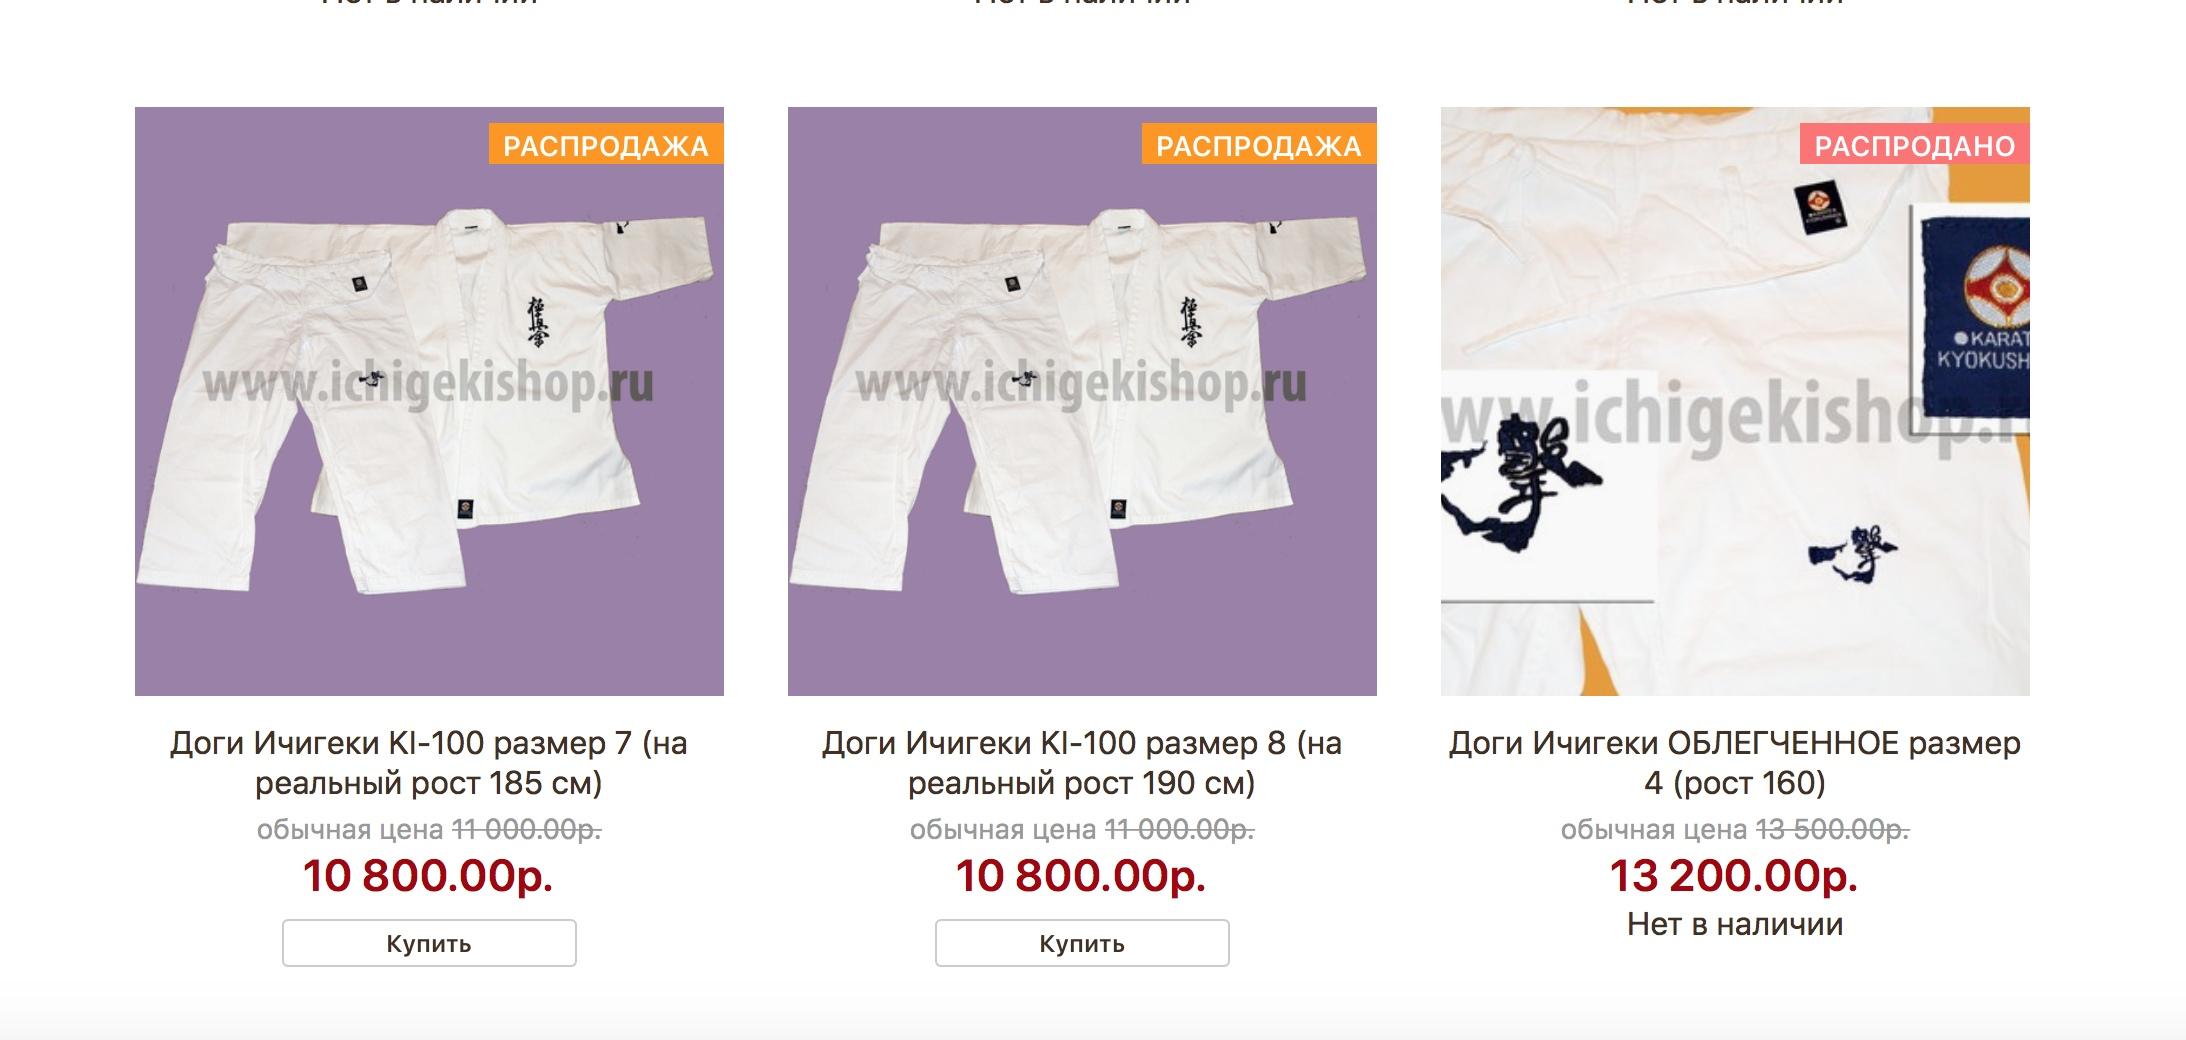 Цены на оригинальное Ичигеки